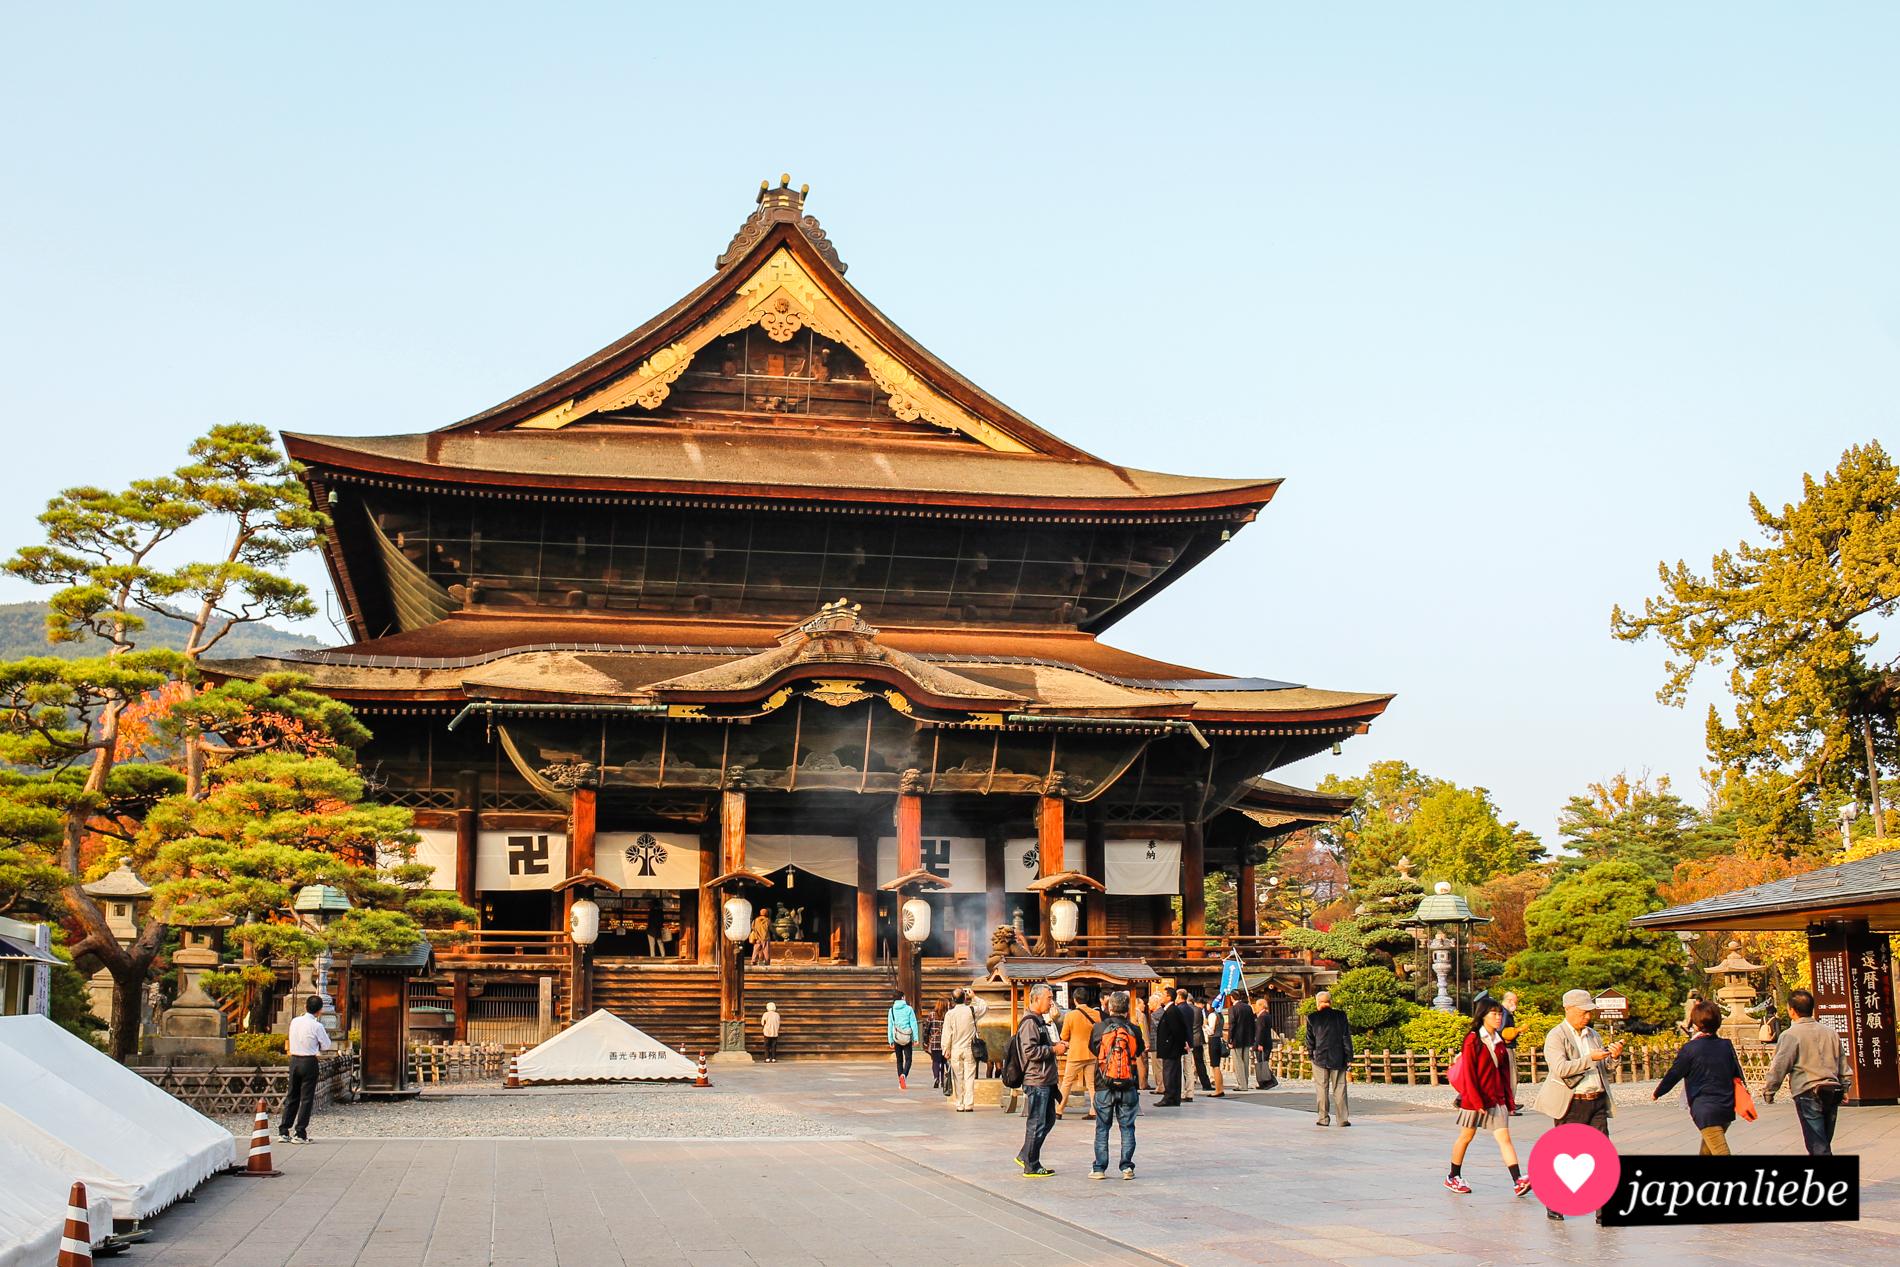 Im Zenkō-ji-Tempel in Nagano befindet sich die älteste Buddhastatue Japans.